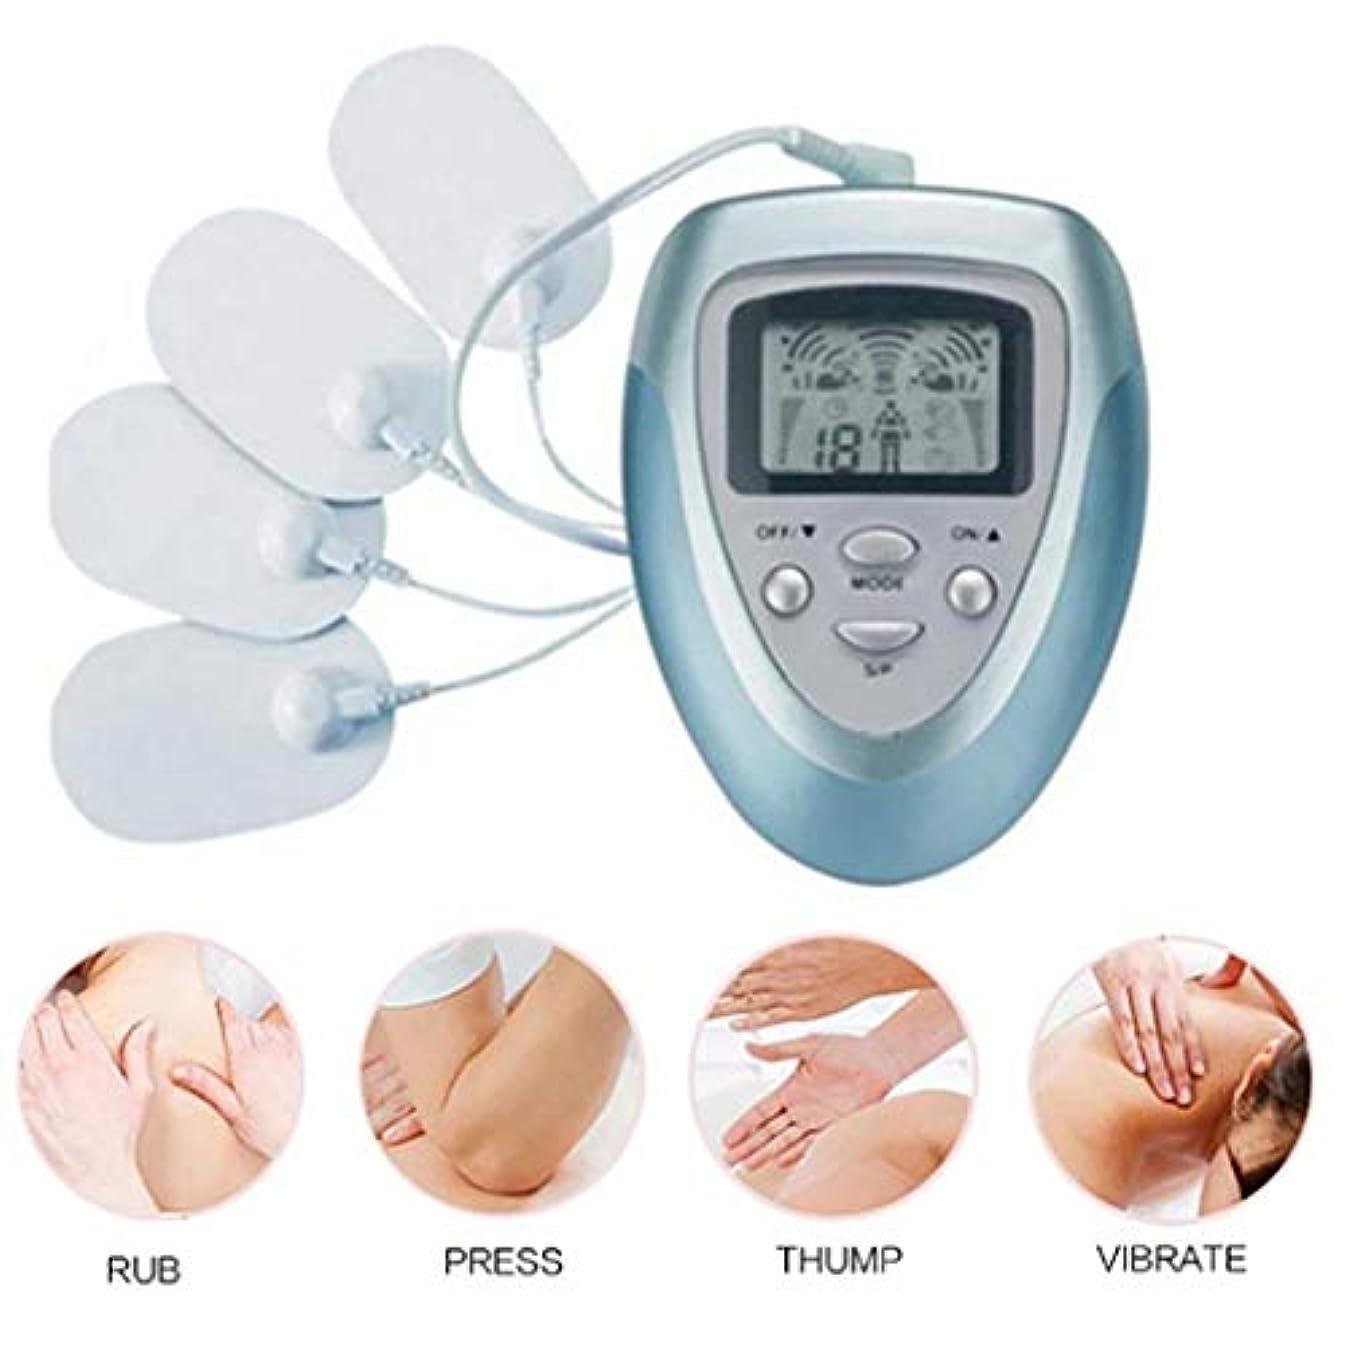 骨敬意を表する美的電気マッサージ器、電子パルスマッサージ器、EMS刺激、ボディリラクゼーション筋肉、パルス+鍼灸マッサージ、痛みを軽減します